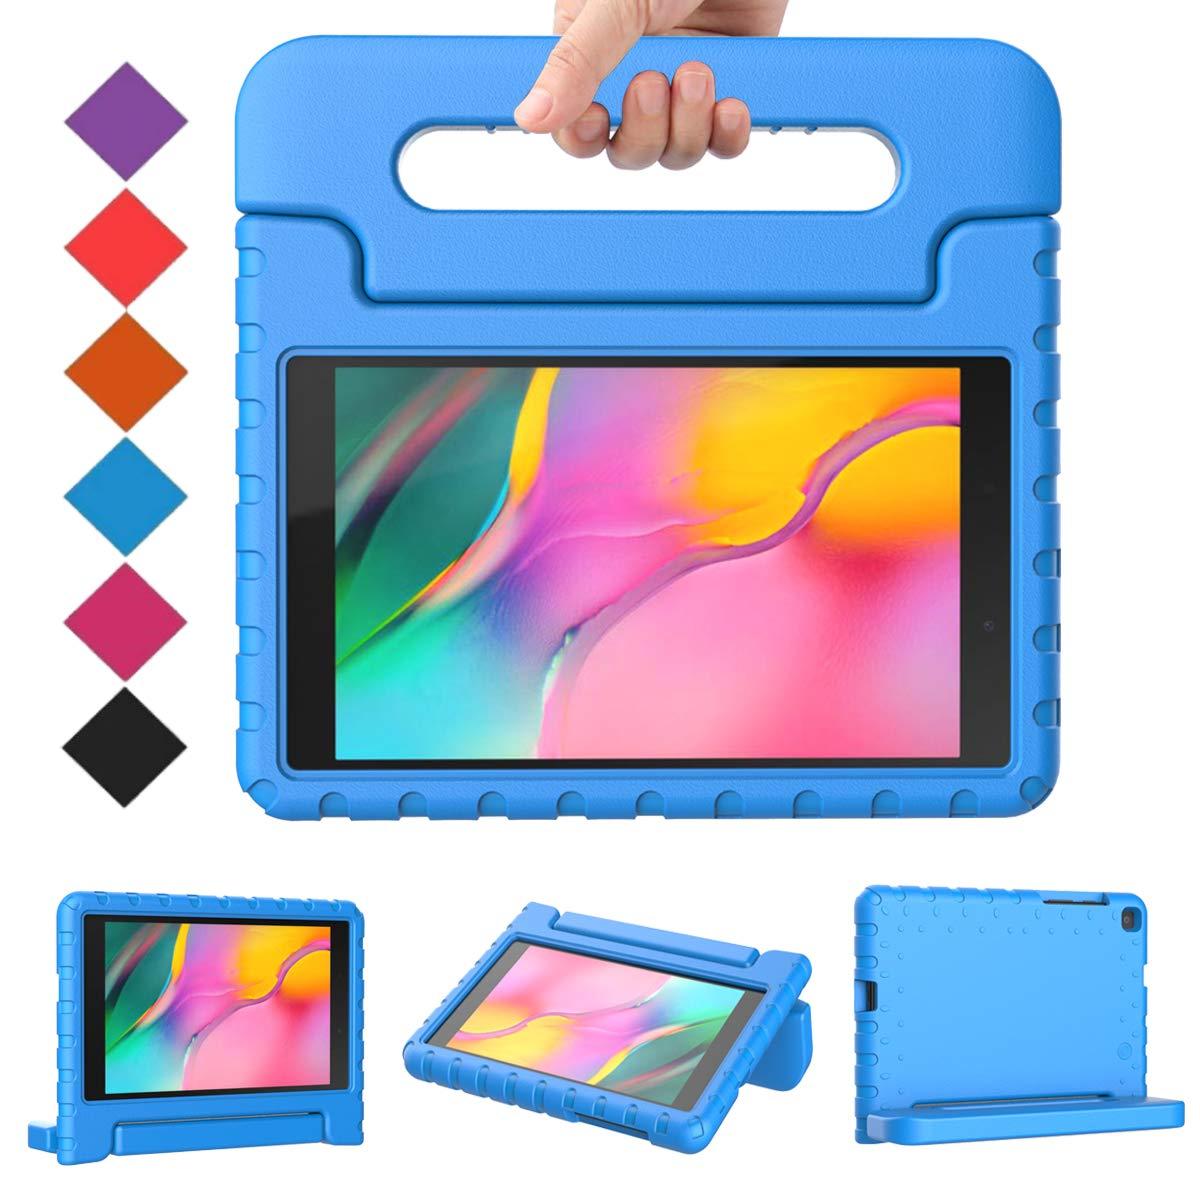 Funda Para Samsung Galaxy Tab A 8.0 Sm-t290/t295 Azul